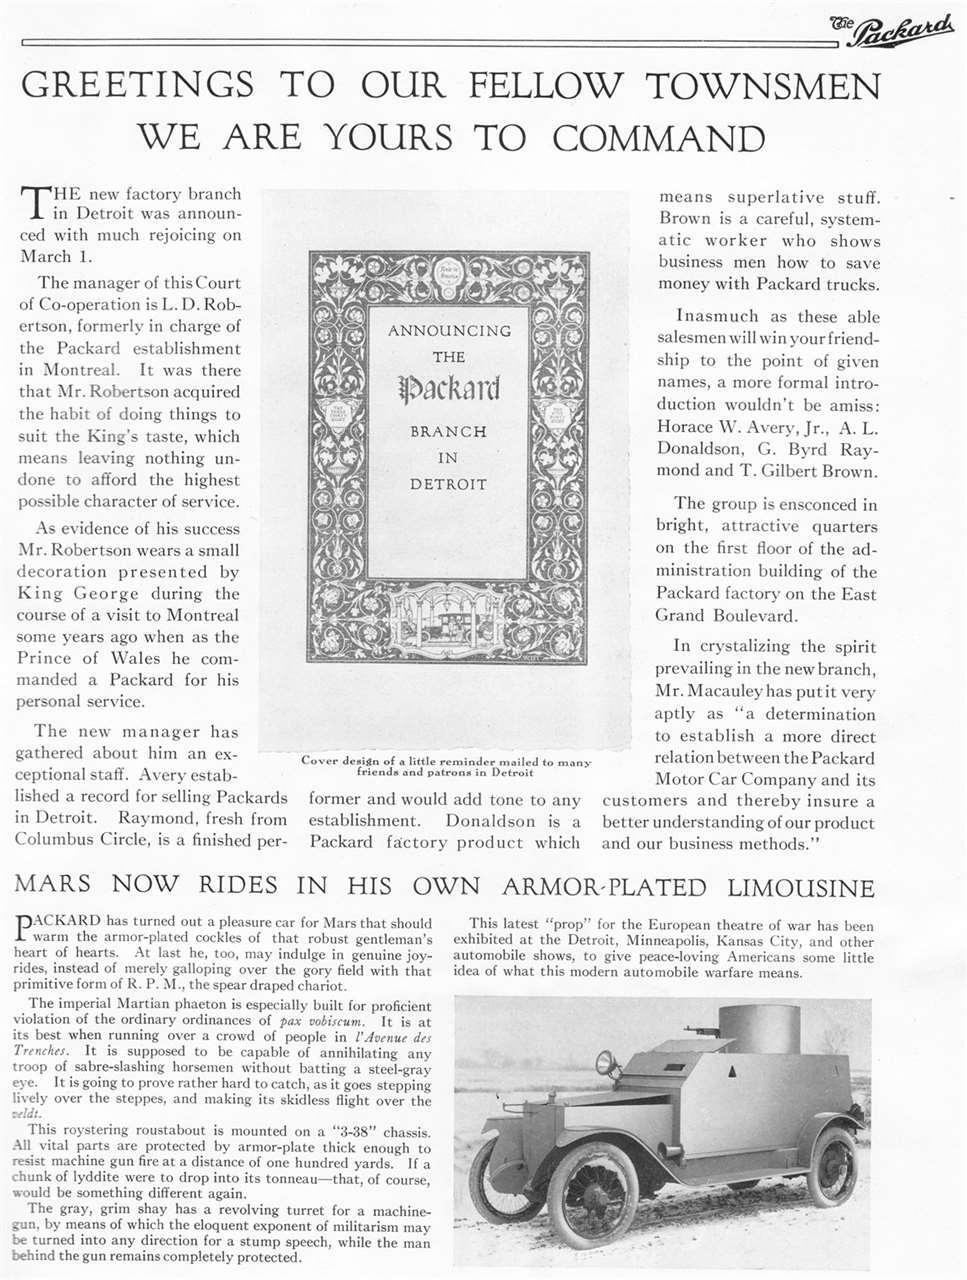 Packard Truck Advert 32